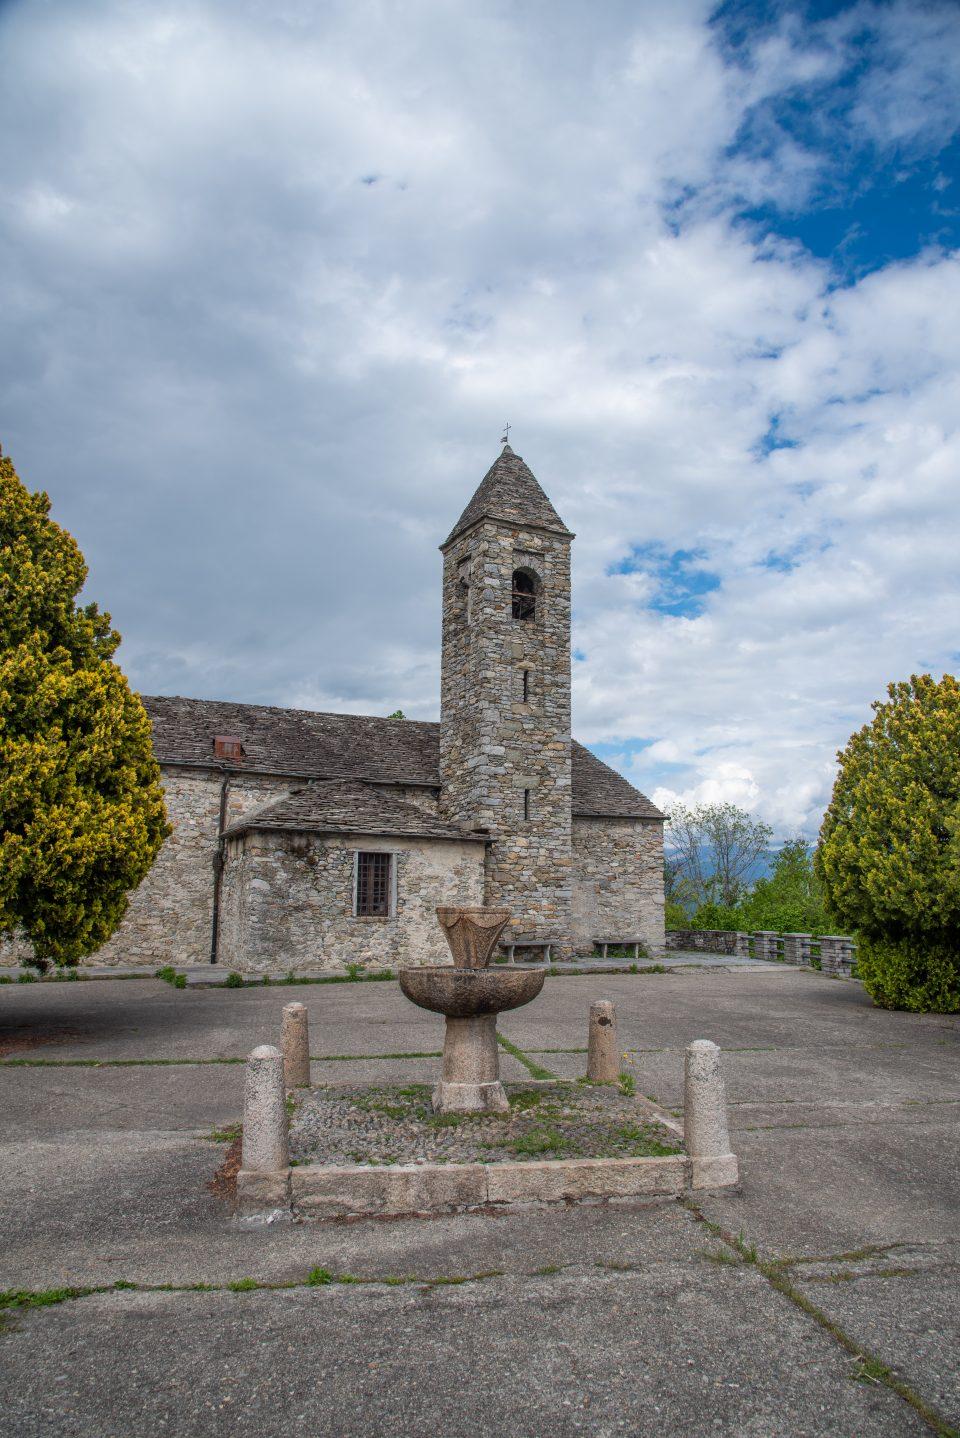 Chiesa di Novaglio - Sant'Agata di Novaglio - Oggebio - istanti in viaggio - Verbania - Lago Maggiore - Novaglio